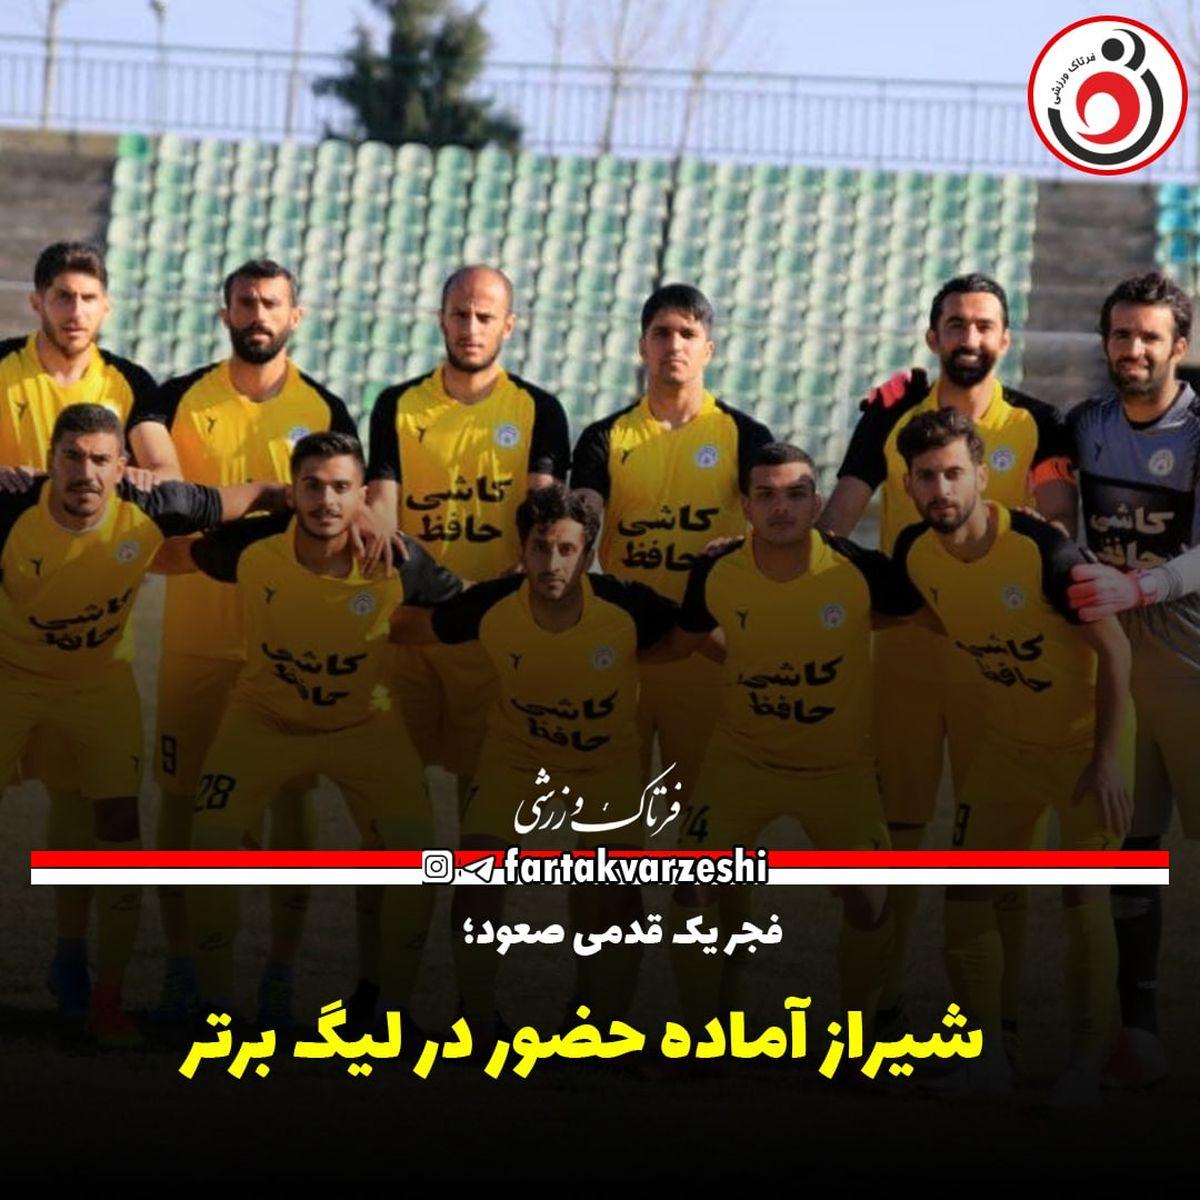 شیراز آماده حضور در لیگ برتر